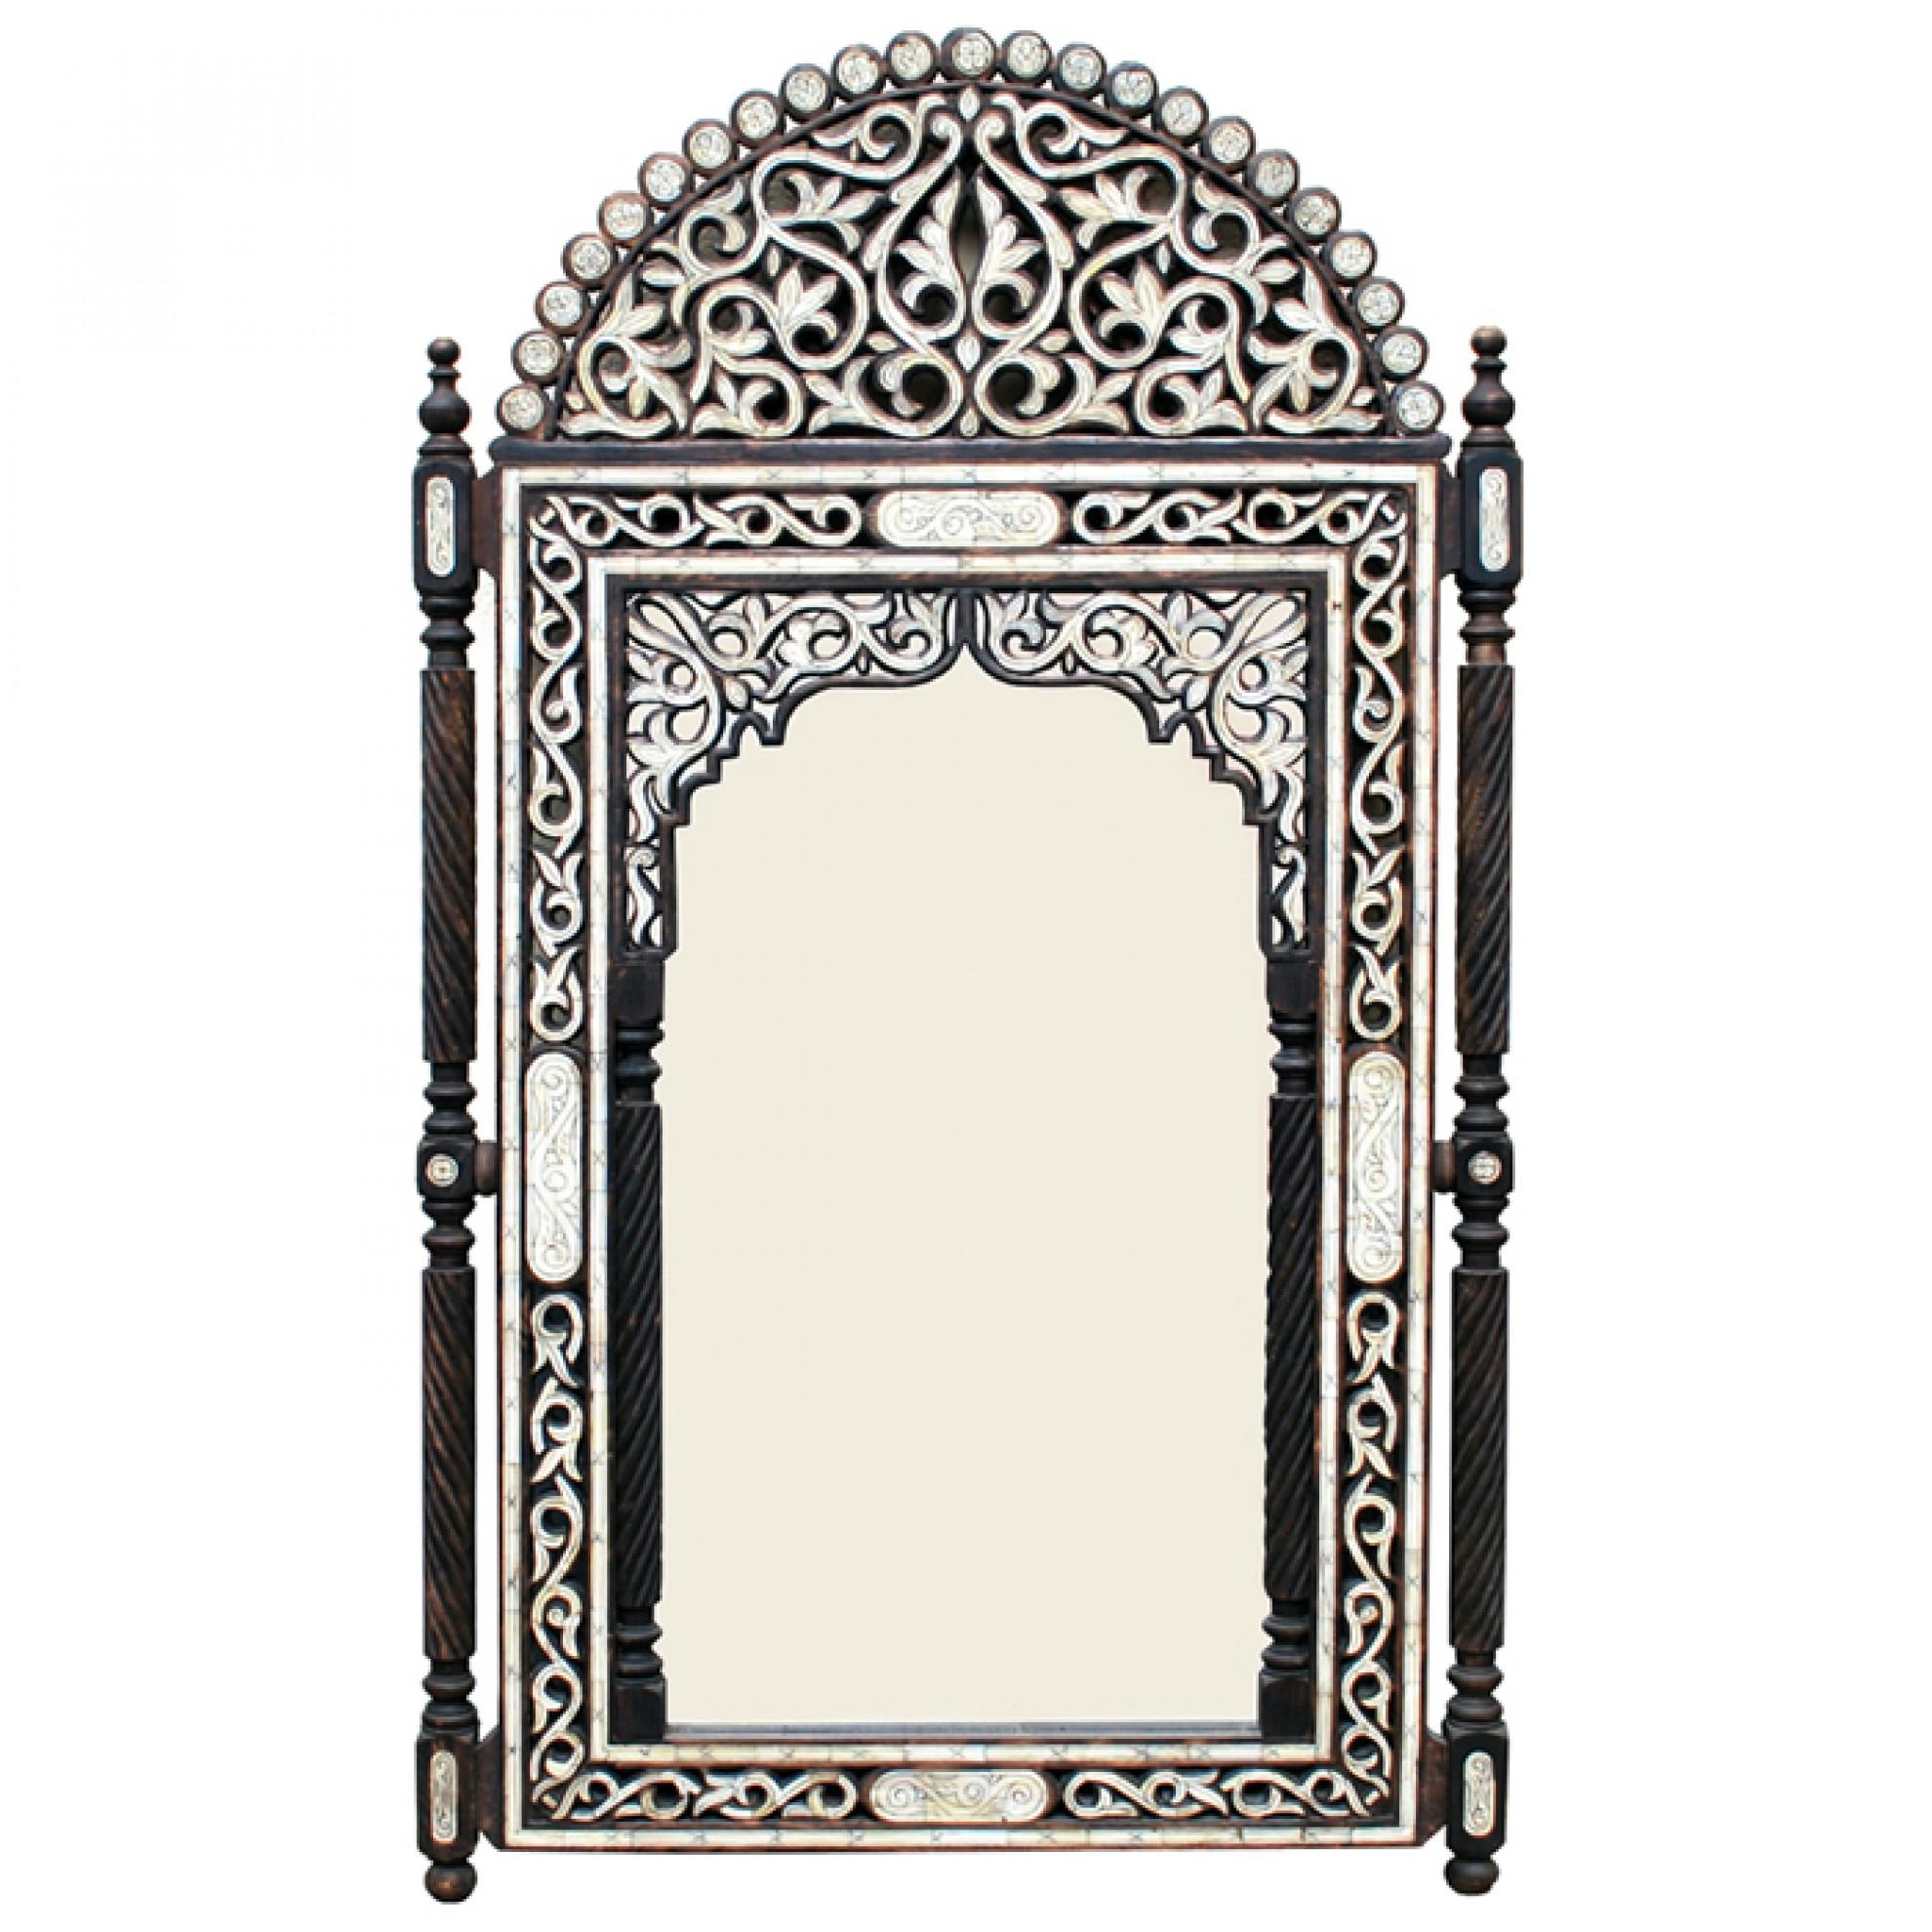 orientalischer spiegel palas h 197cm. Black Bedroom Furniture Sets. Home Design Ideas